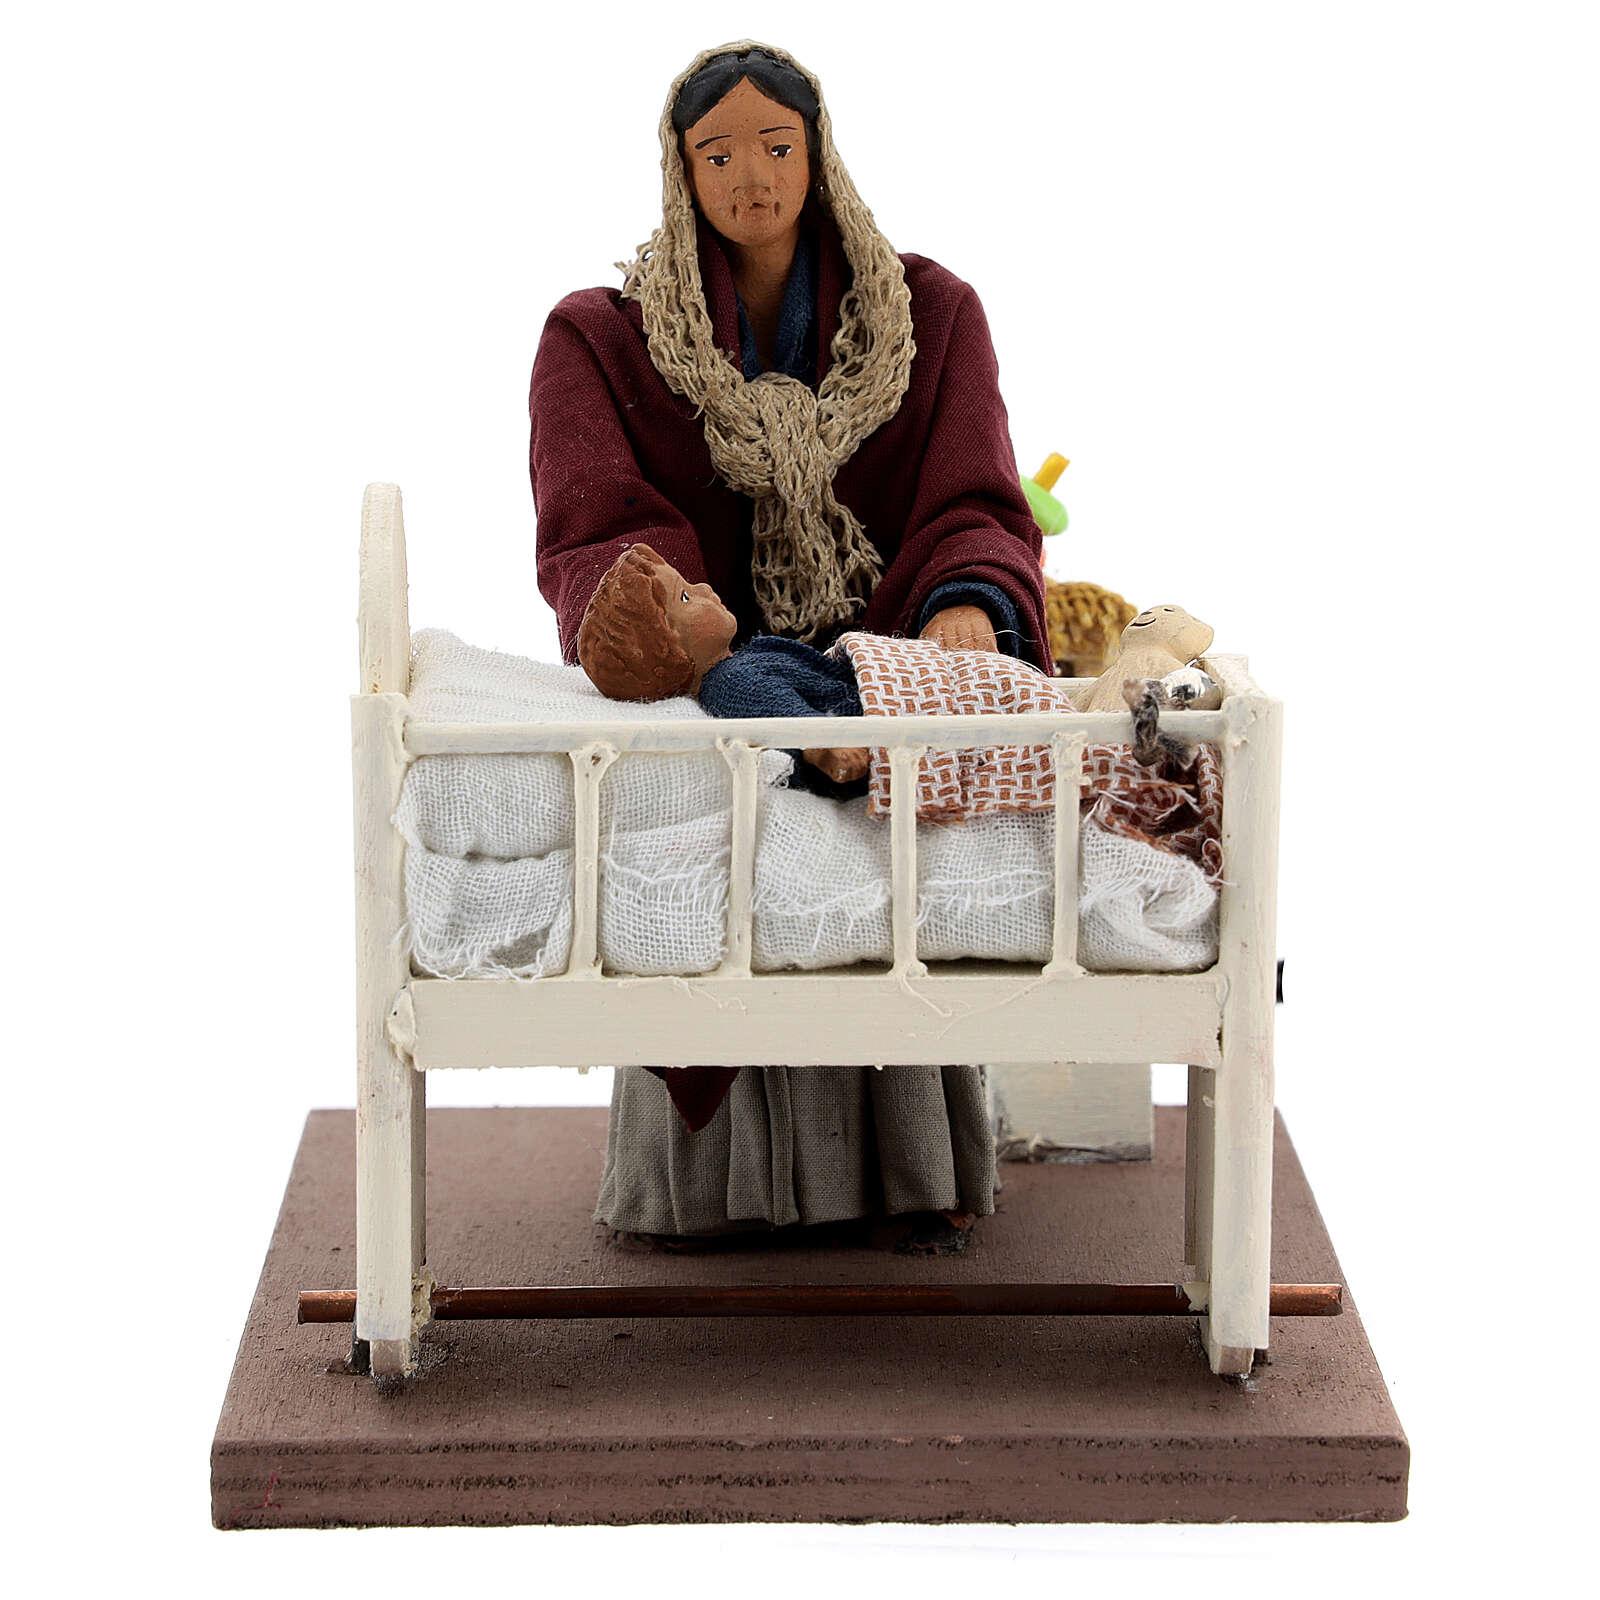 Movimento mulher embalando bebé no berço presépio de Nápoles figuras altura média 12 cm 4